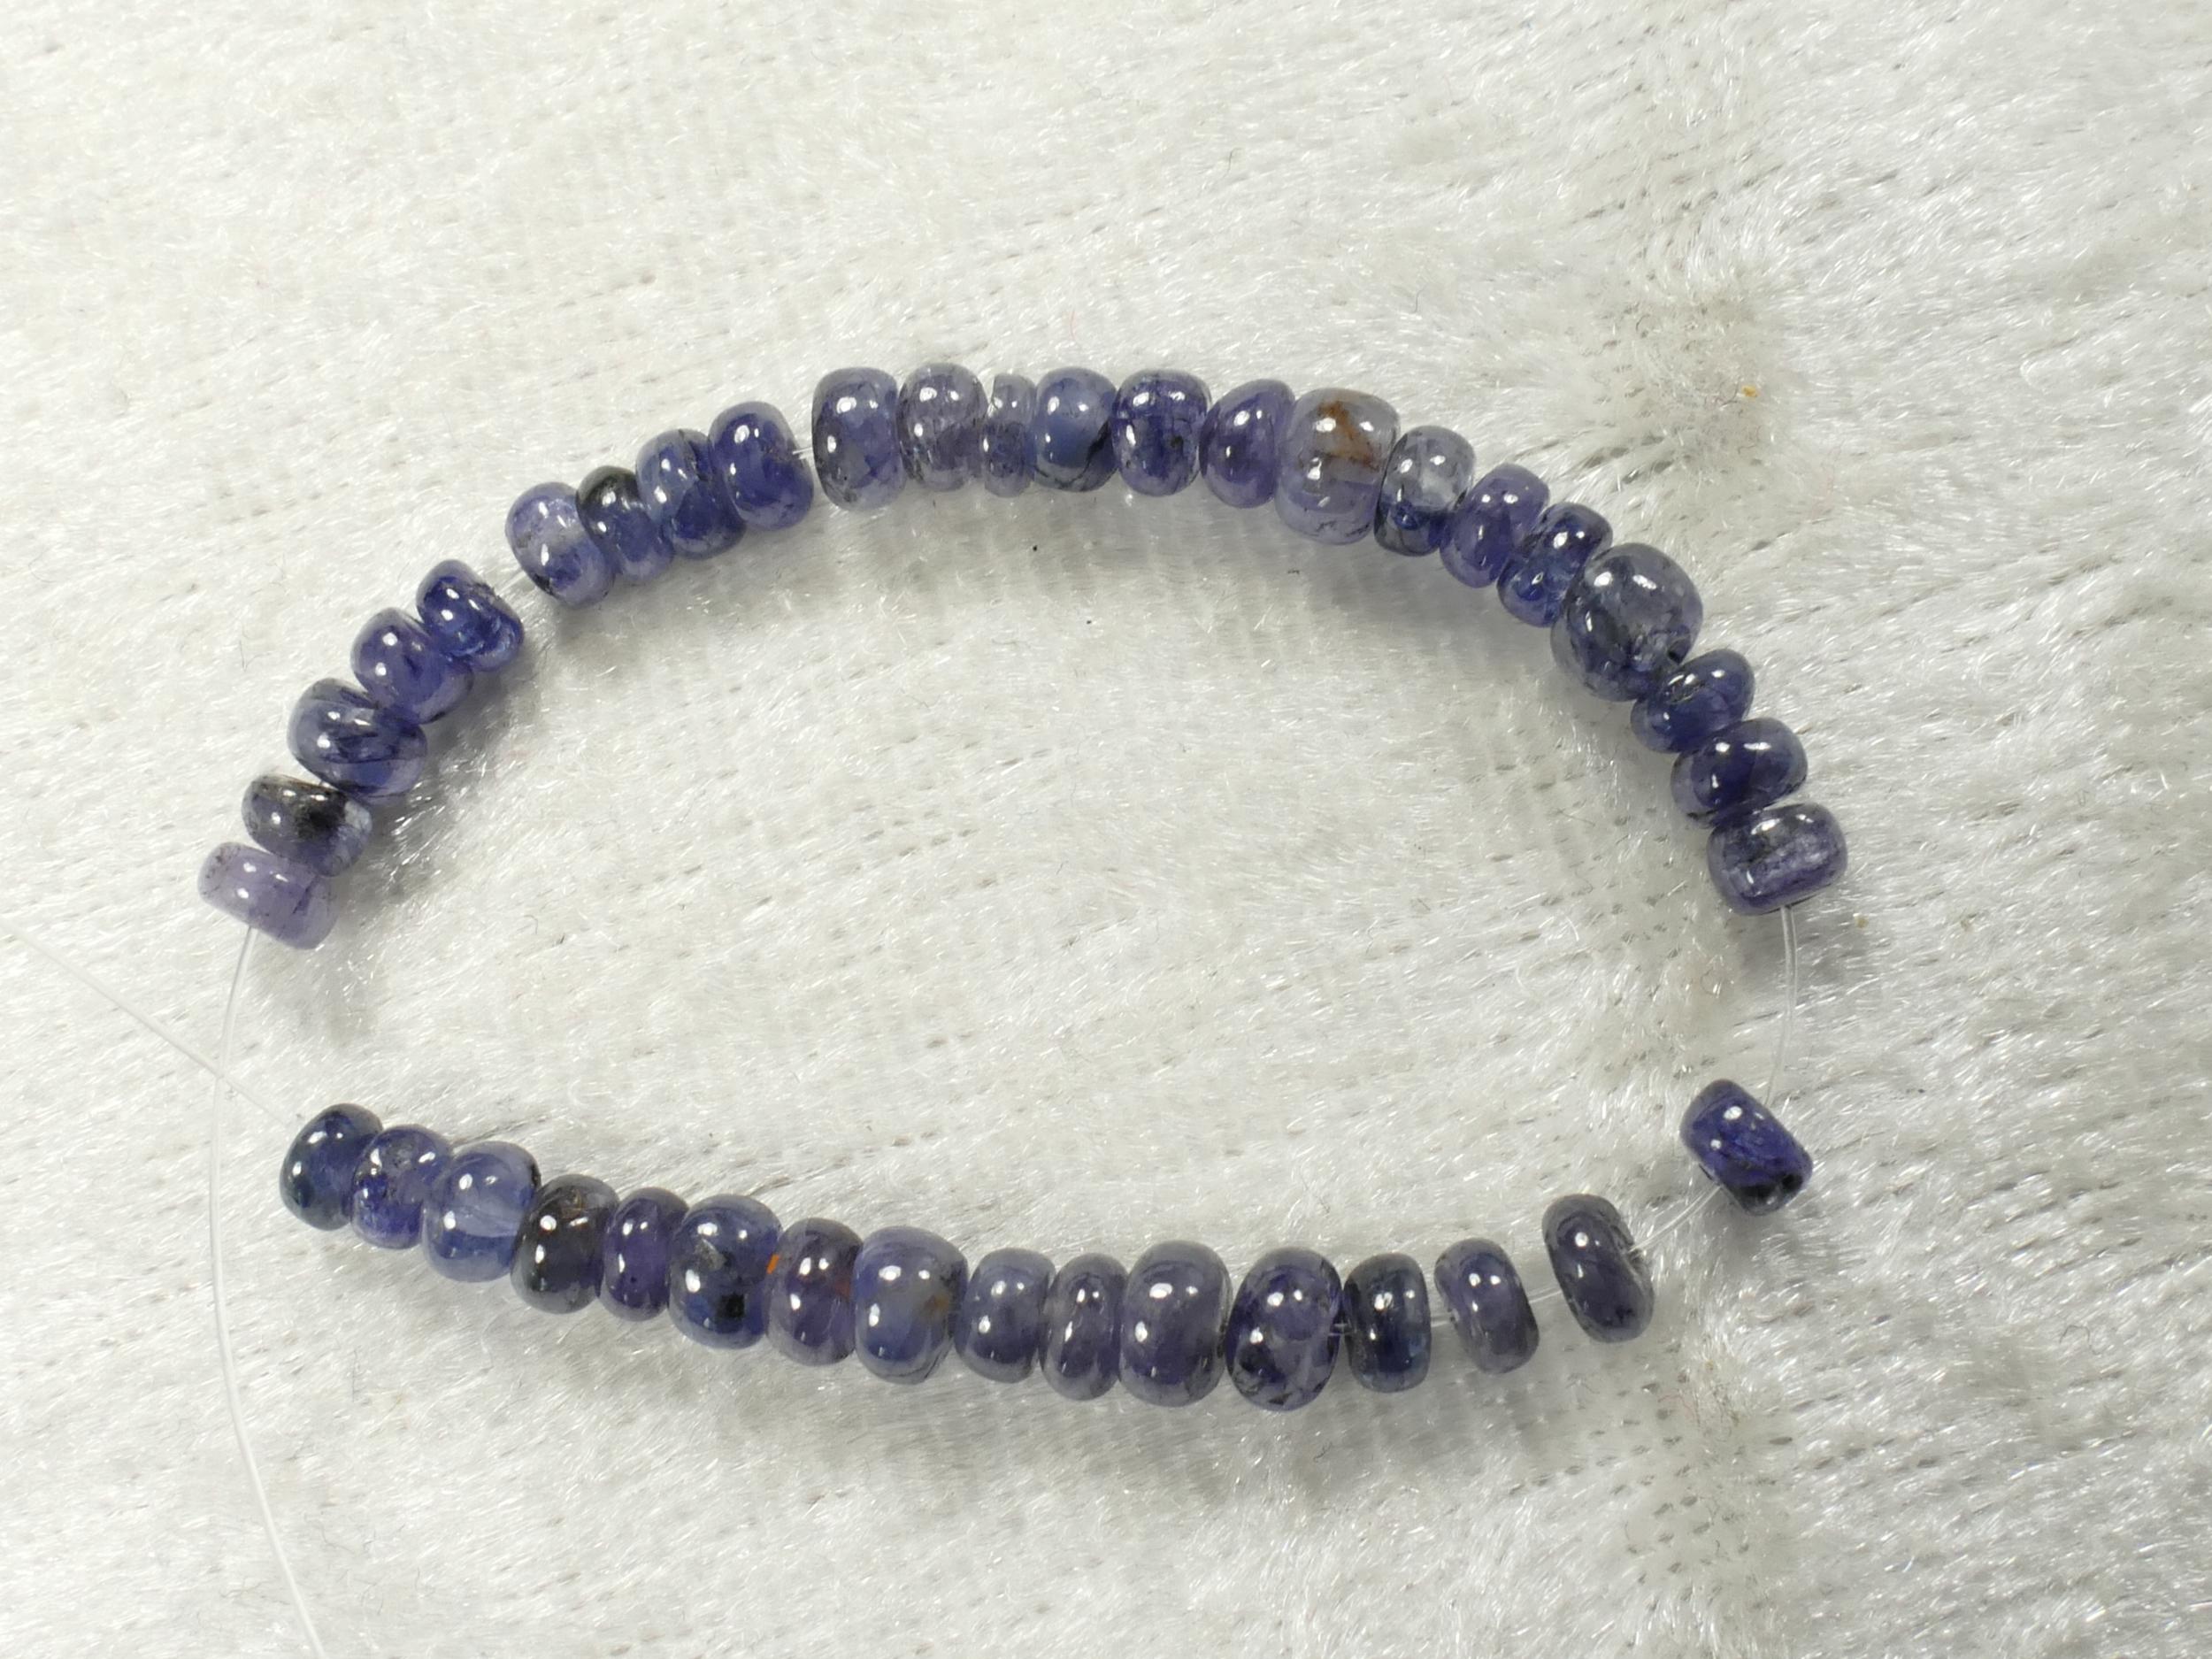 3.4/4mm Perles de Saphir bleu foncé naturel en rondelle lisse de Thaïlande (#PK654)